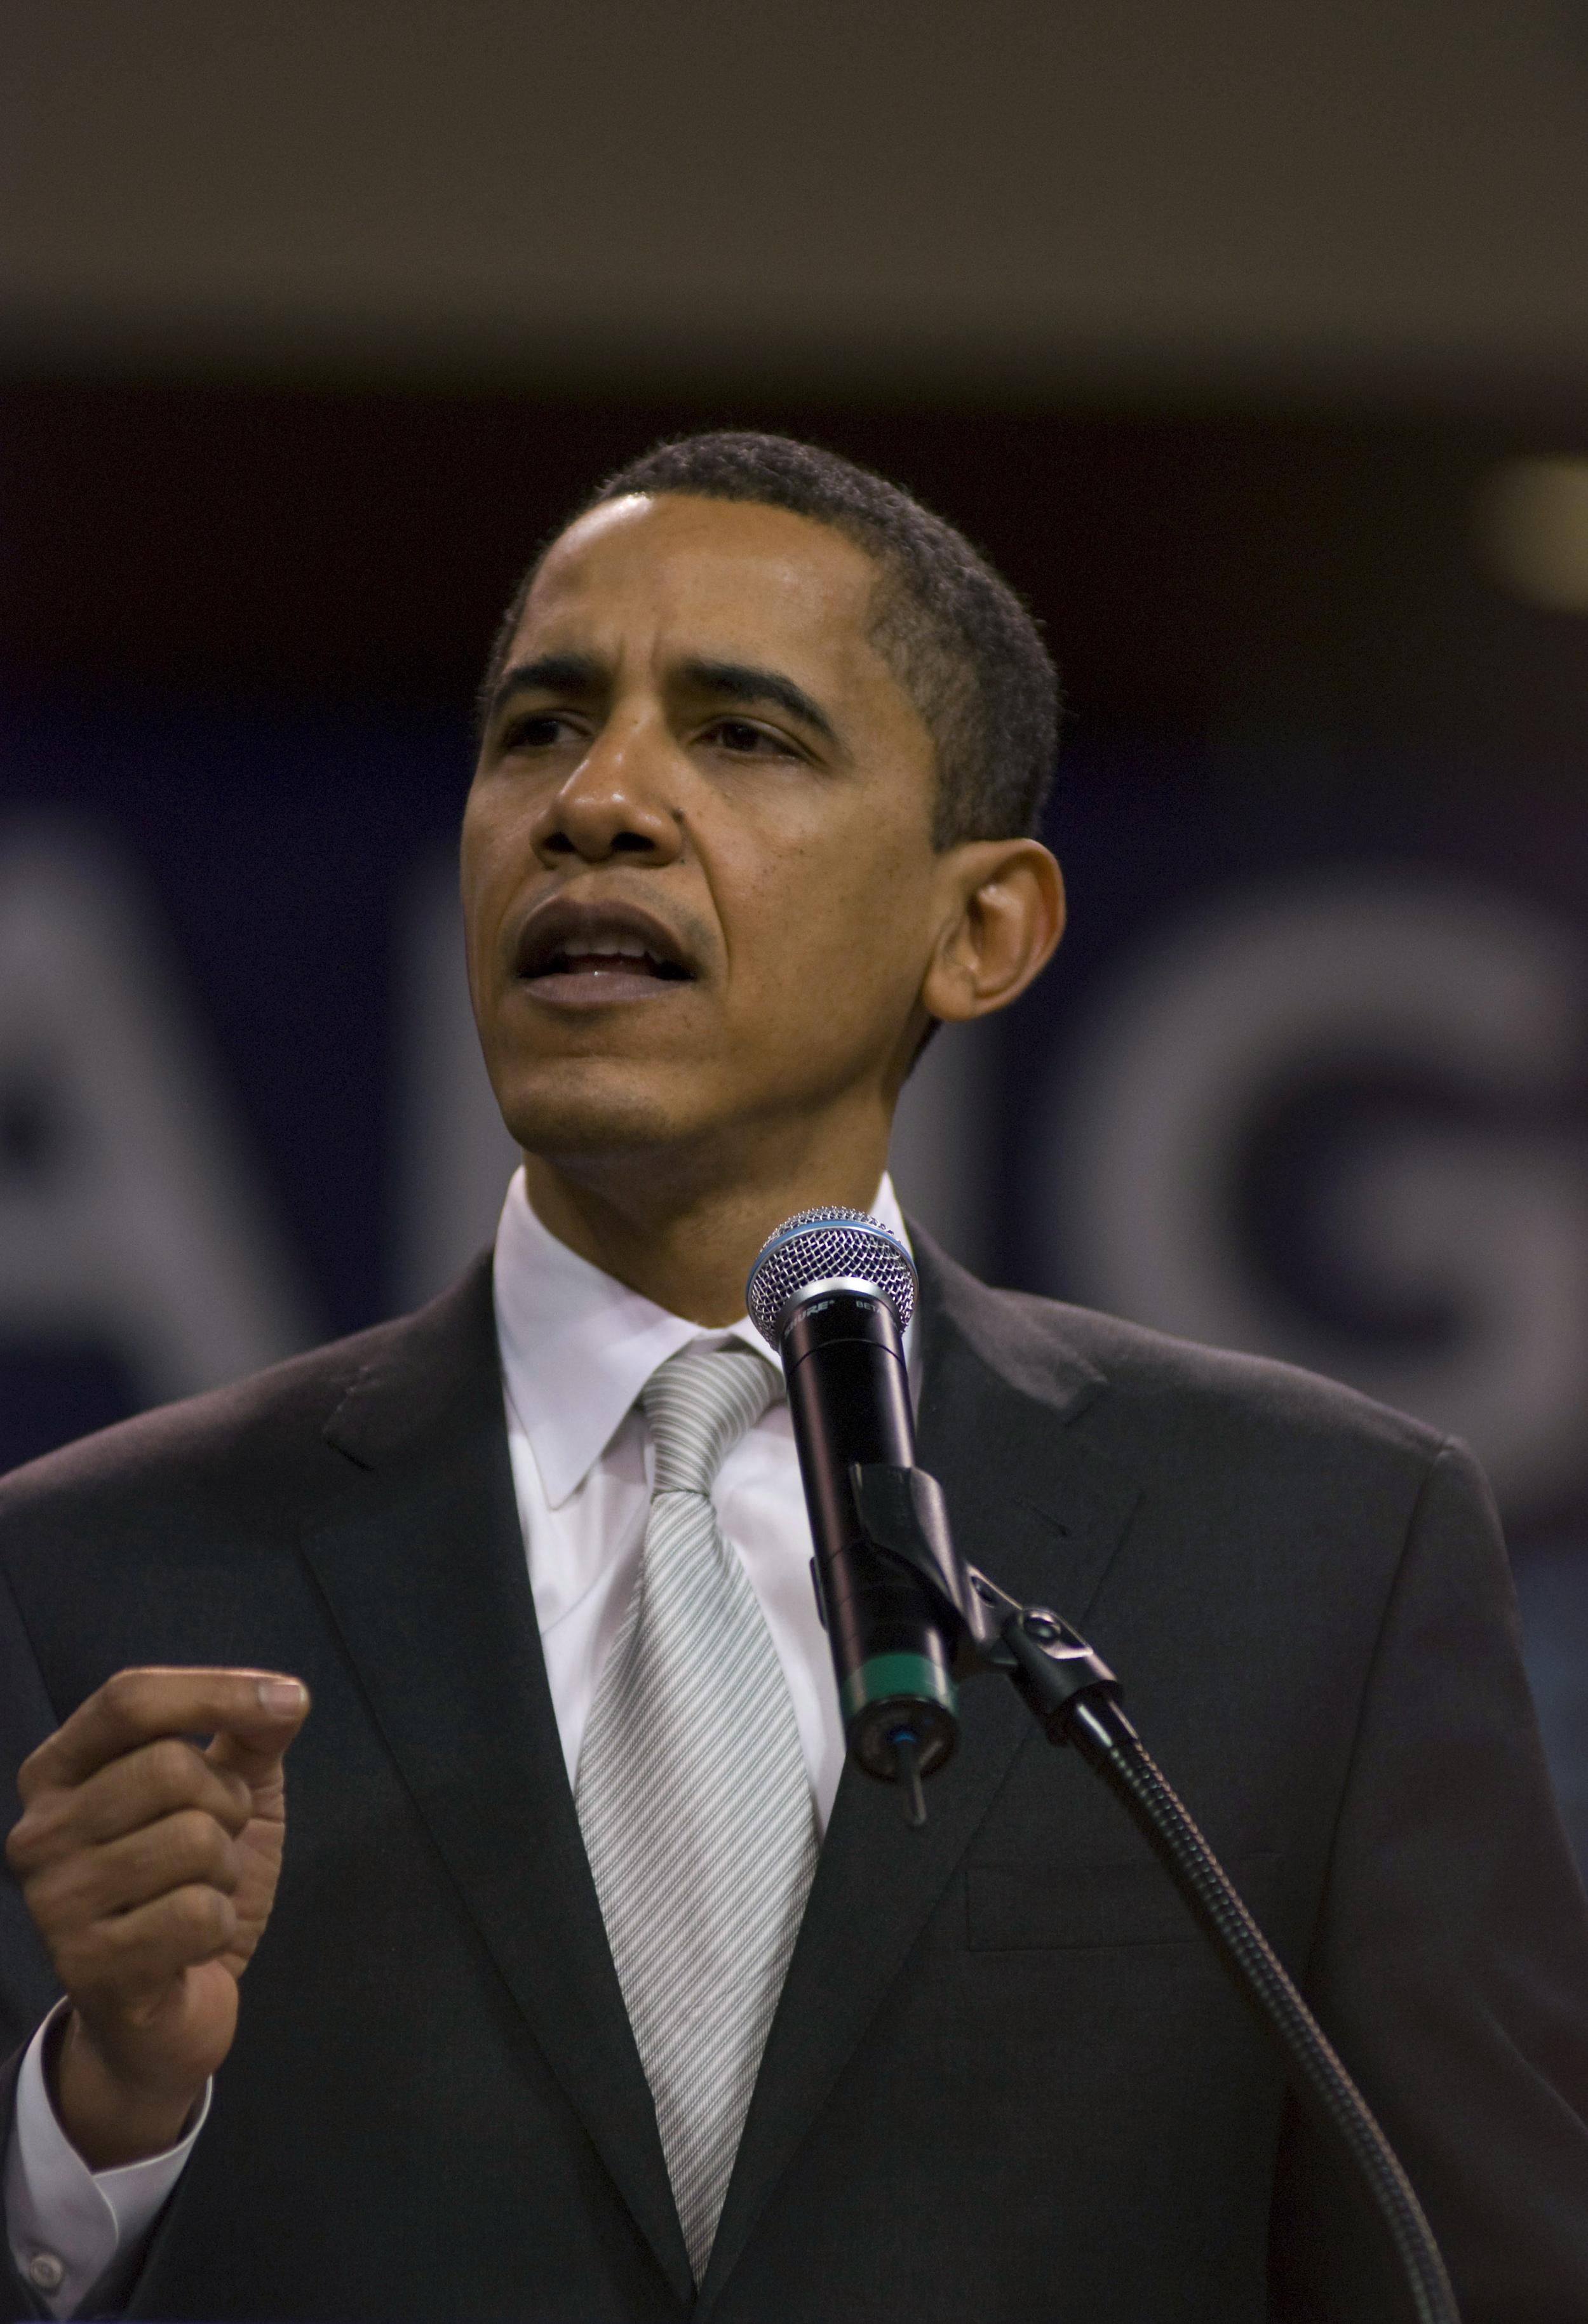 President Barack Obama / Denver 2008